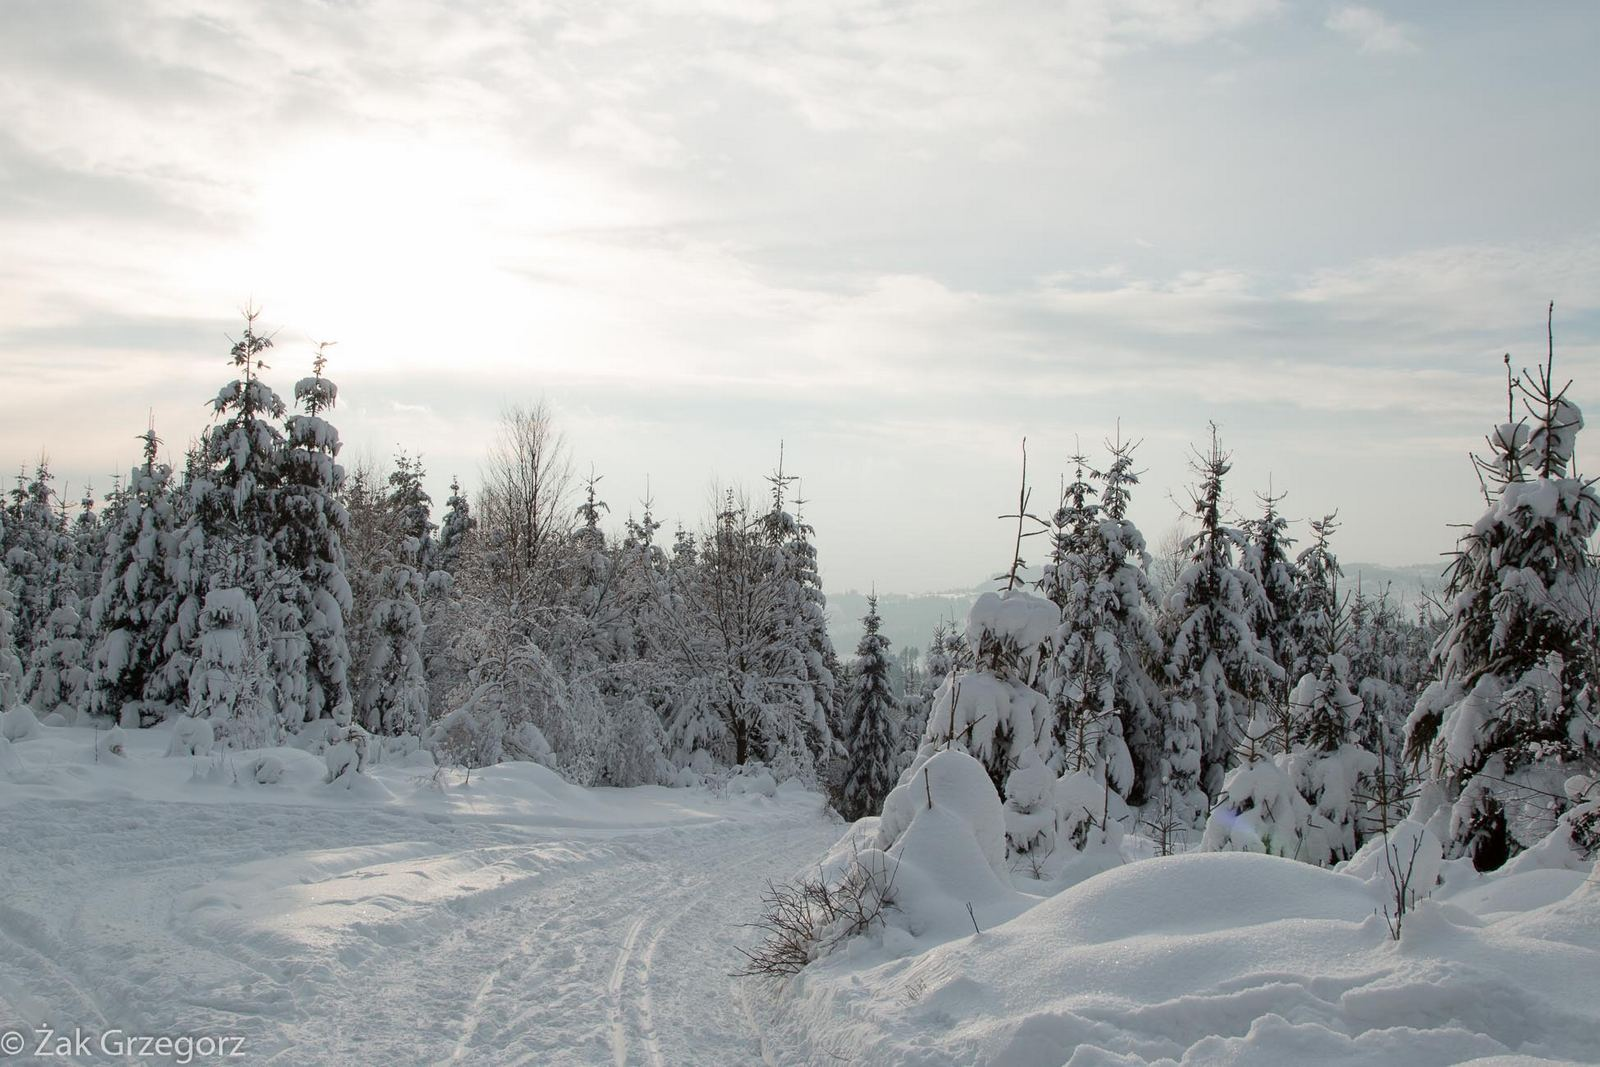 Beskidzkie lasy to raj dla narciarzy biegowych